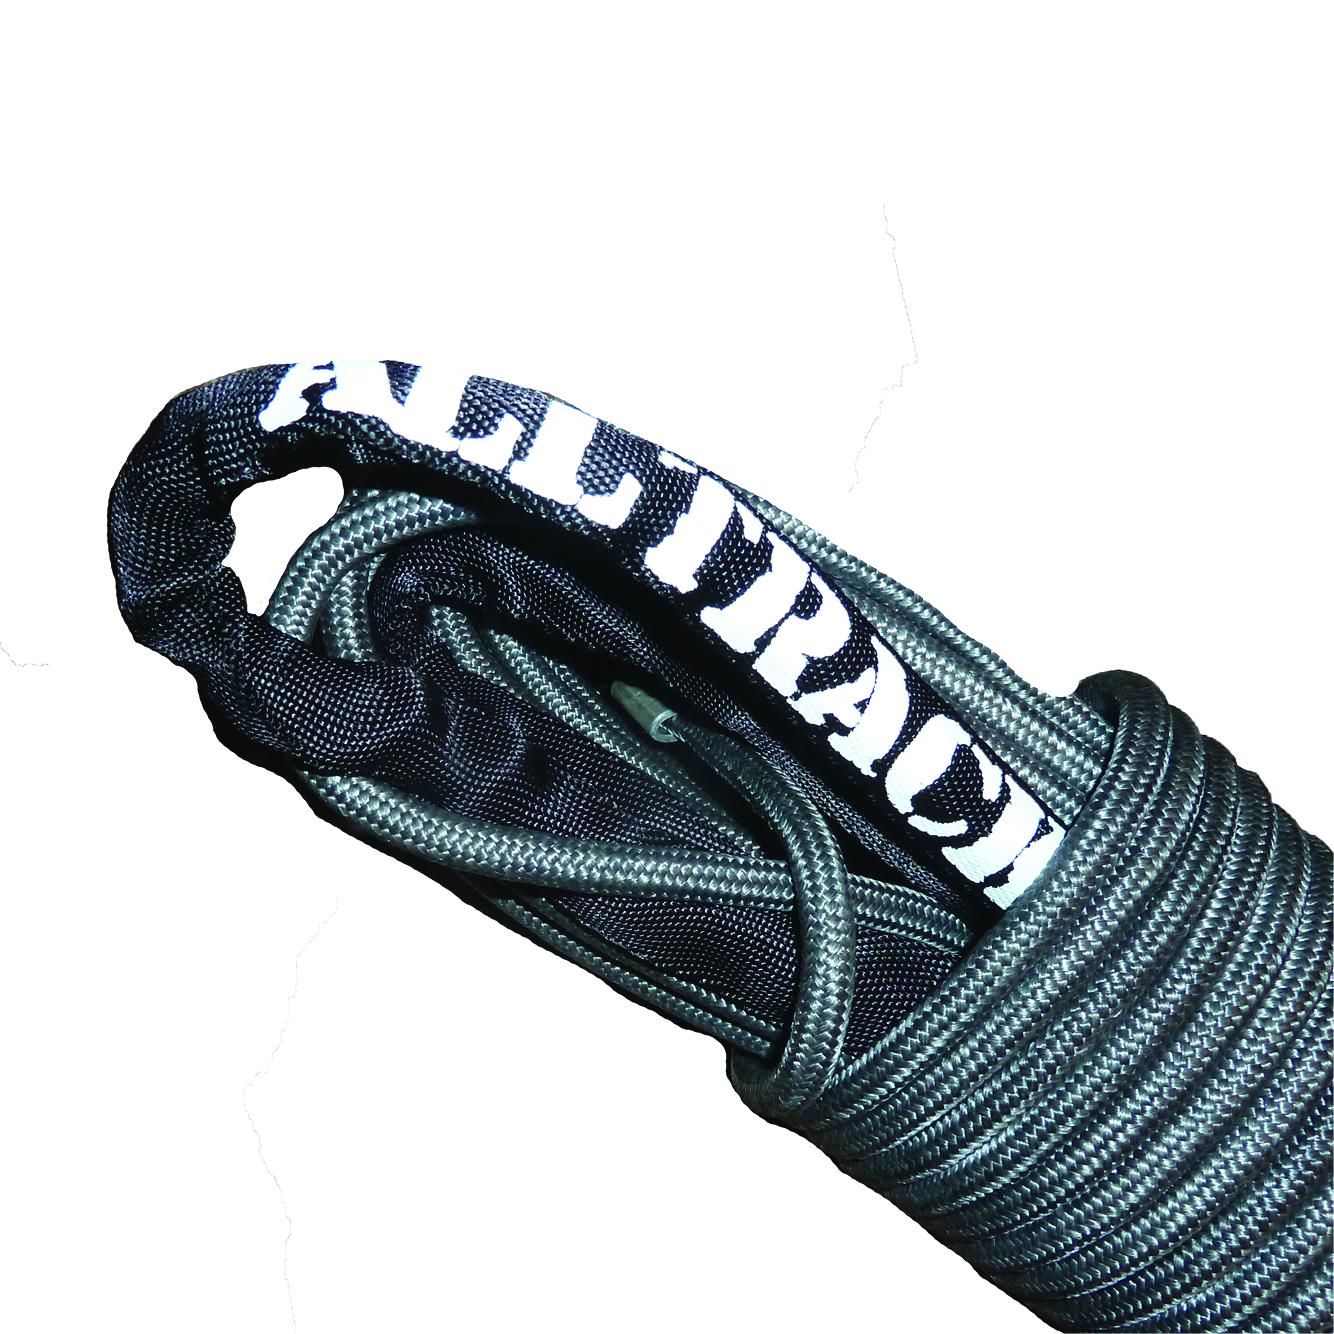 Alltracks winch rope synthetic winch line liertouw lier touw synthetisch liertouw double braided rope double braided winch rope dubbel gevlochten lierlijn lier lijn